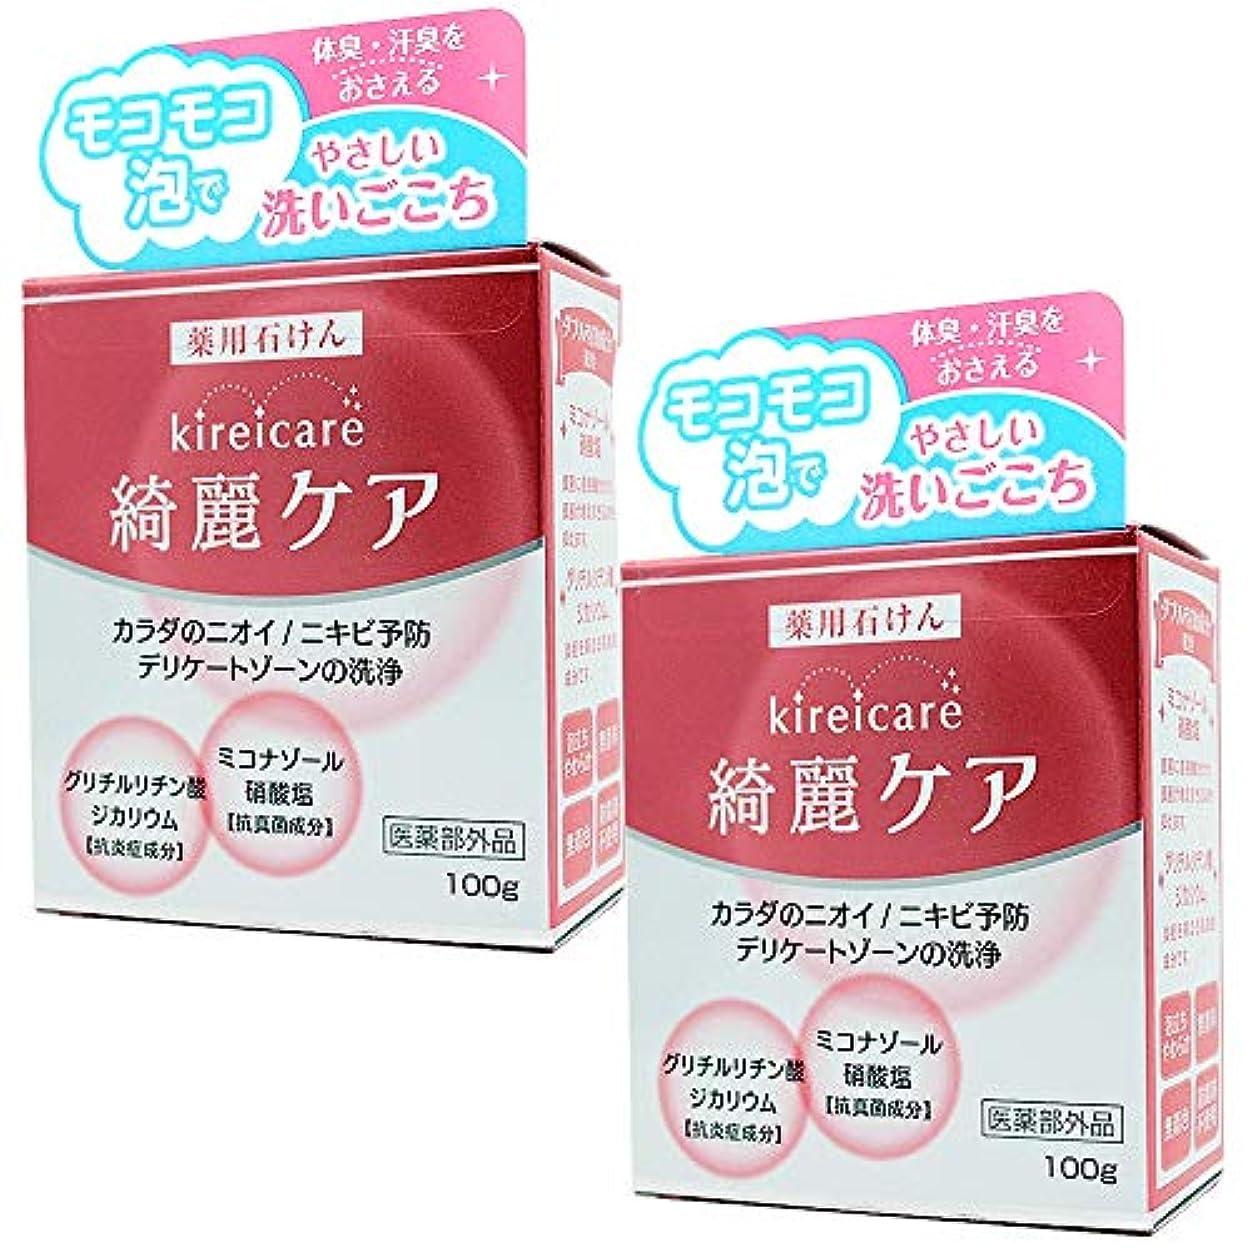 後継ロードブロッキング十分白金製薬 ミコナゾール 綺麗ケア 薬用石けん 100g [医薬部外品] 2個セット